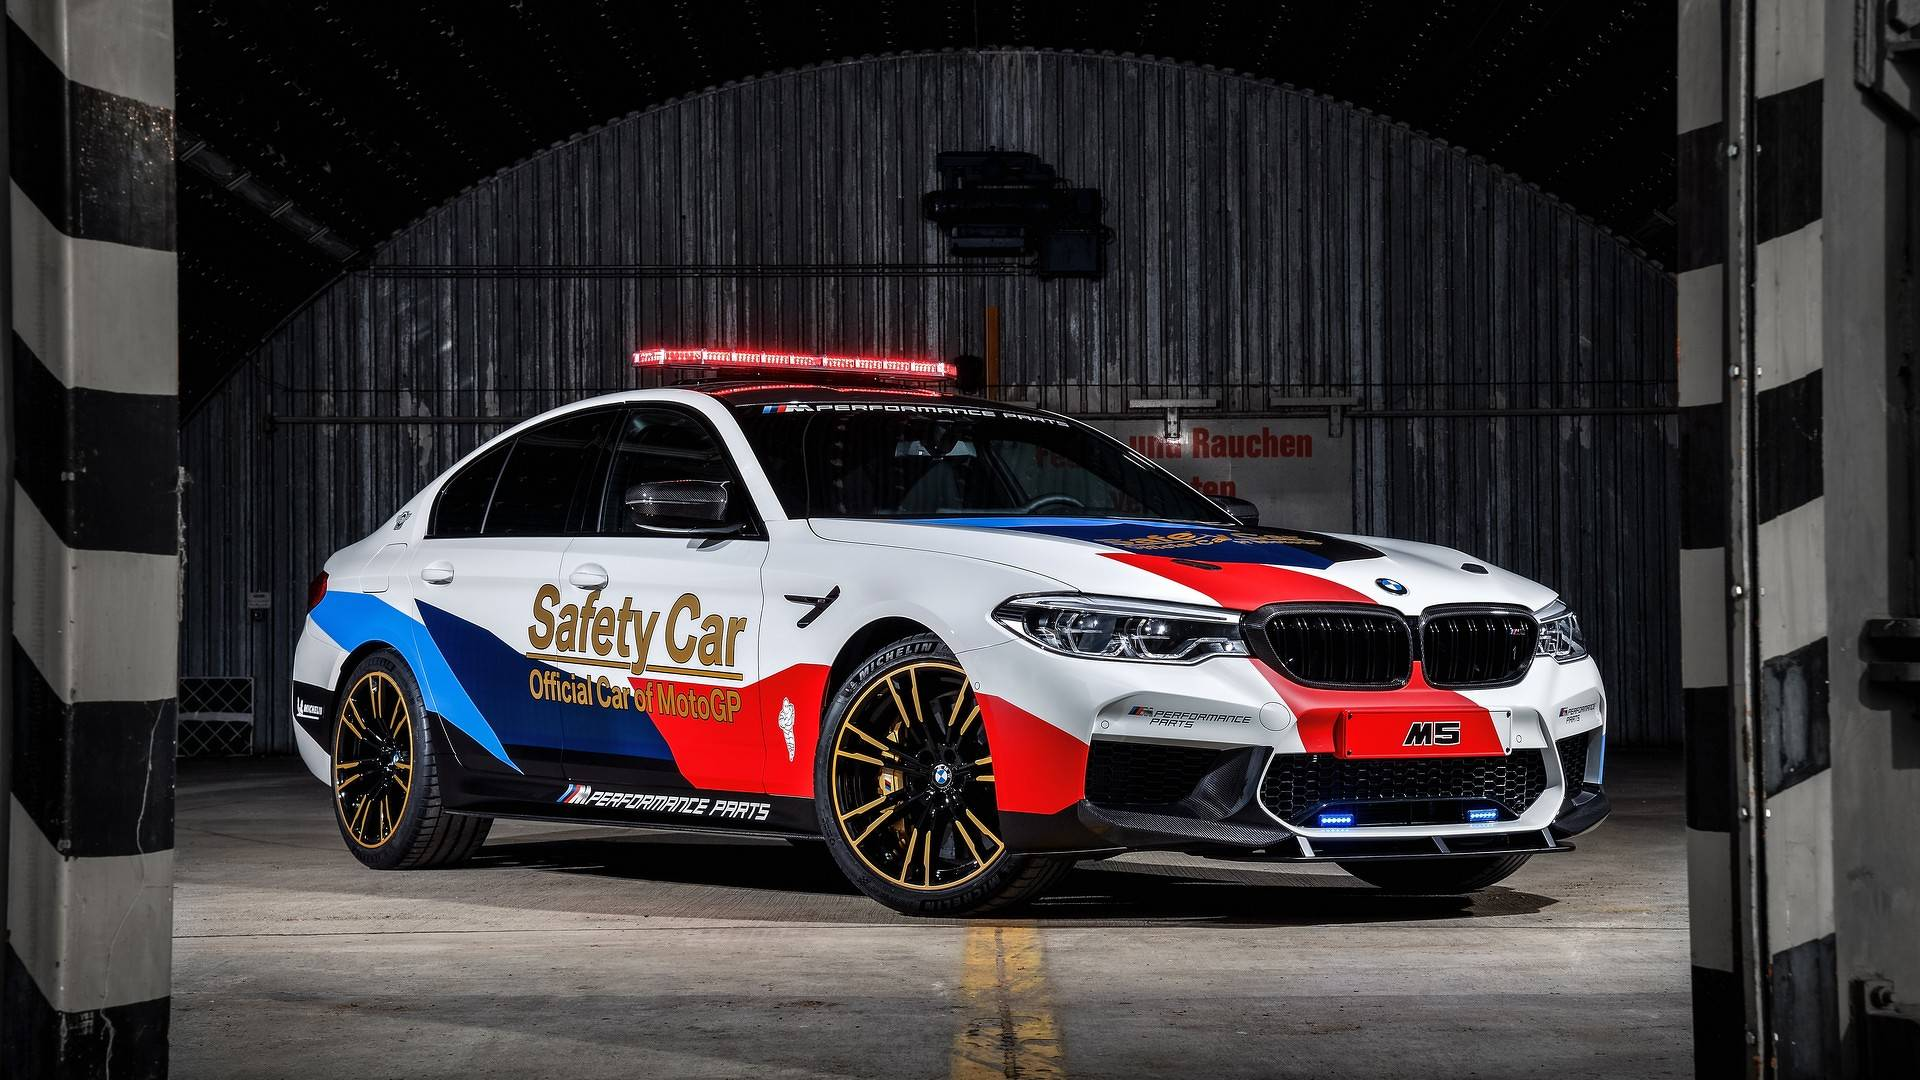 Turbo Wallpaper Car Bmw F90 M5 Chosen As 2018 Motogp Safety Car Previews M5 M